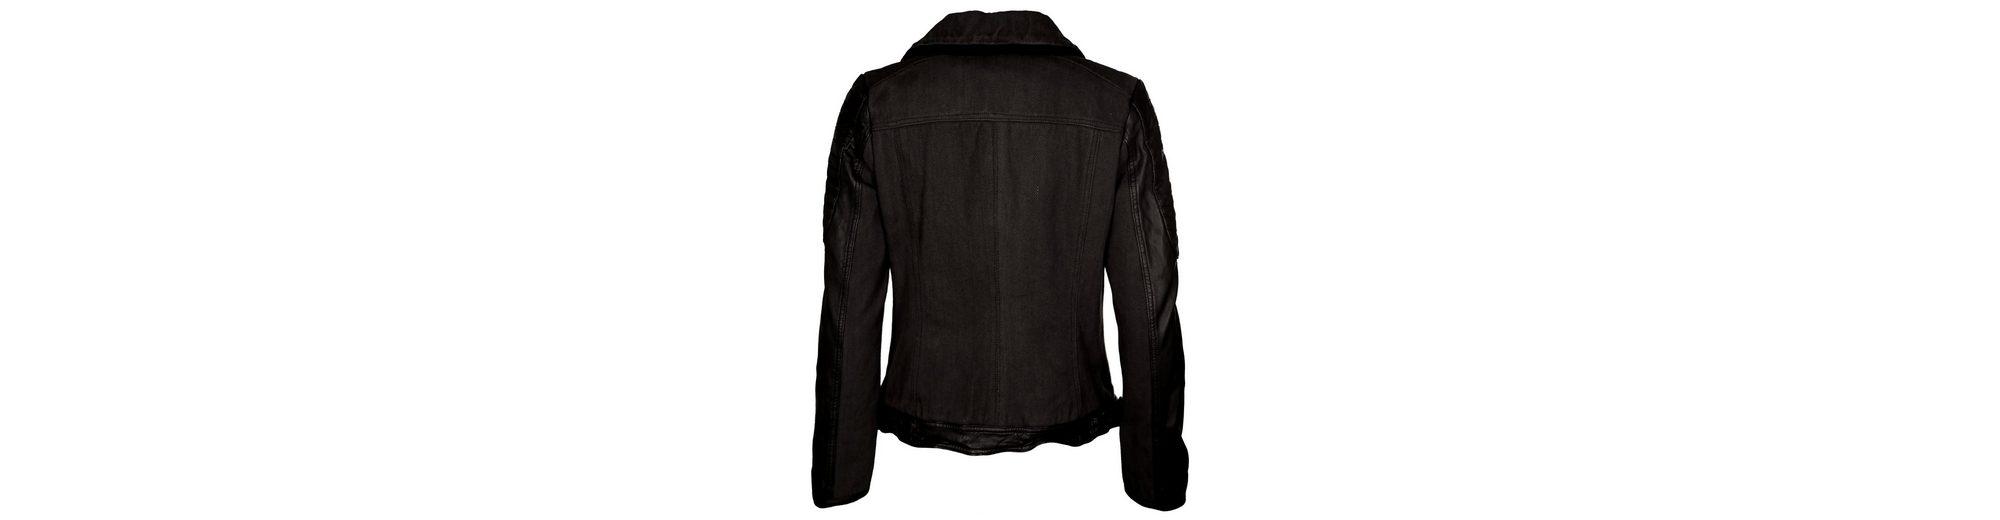 Billig Verkauf Vorbestellung Neuester Günstiger Preis Mustang Lederjacke Meggi 2lo7yVt2